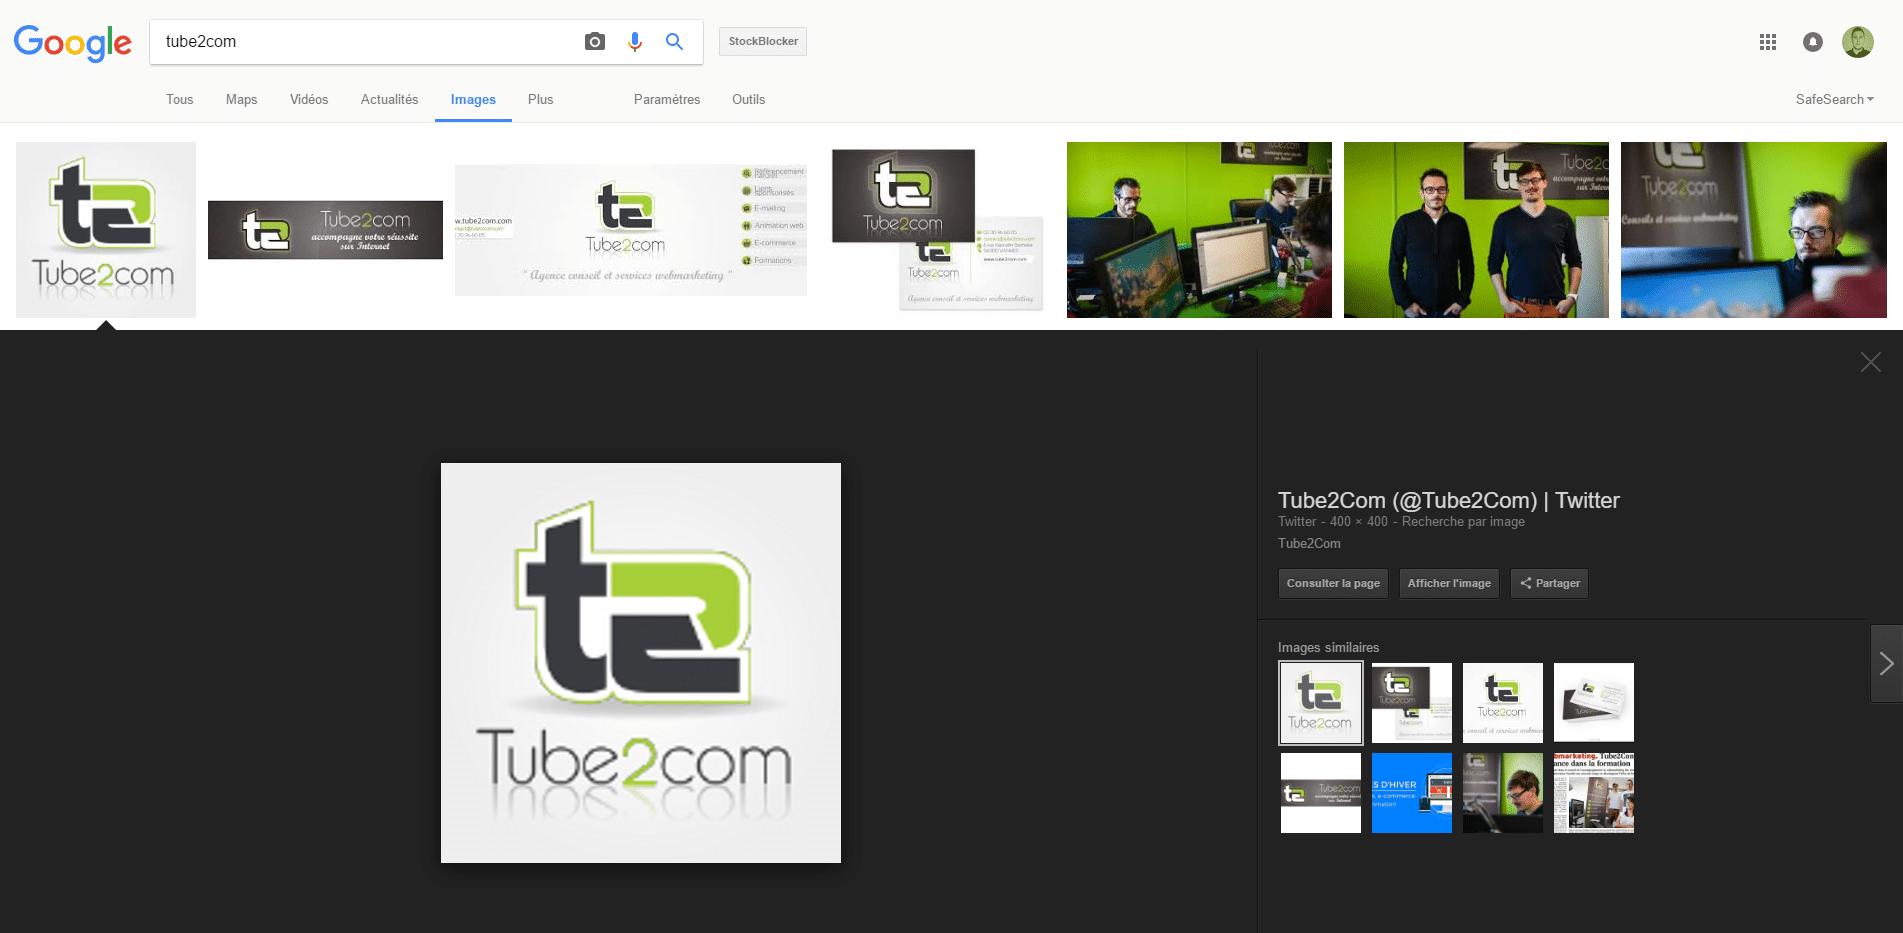 Nouvelle version de Google Images avec une recherche sur tube2com